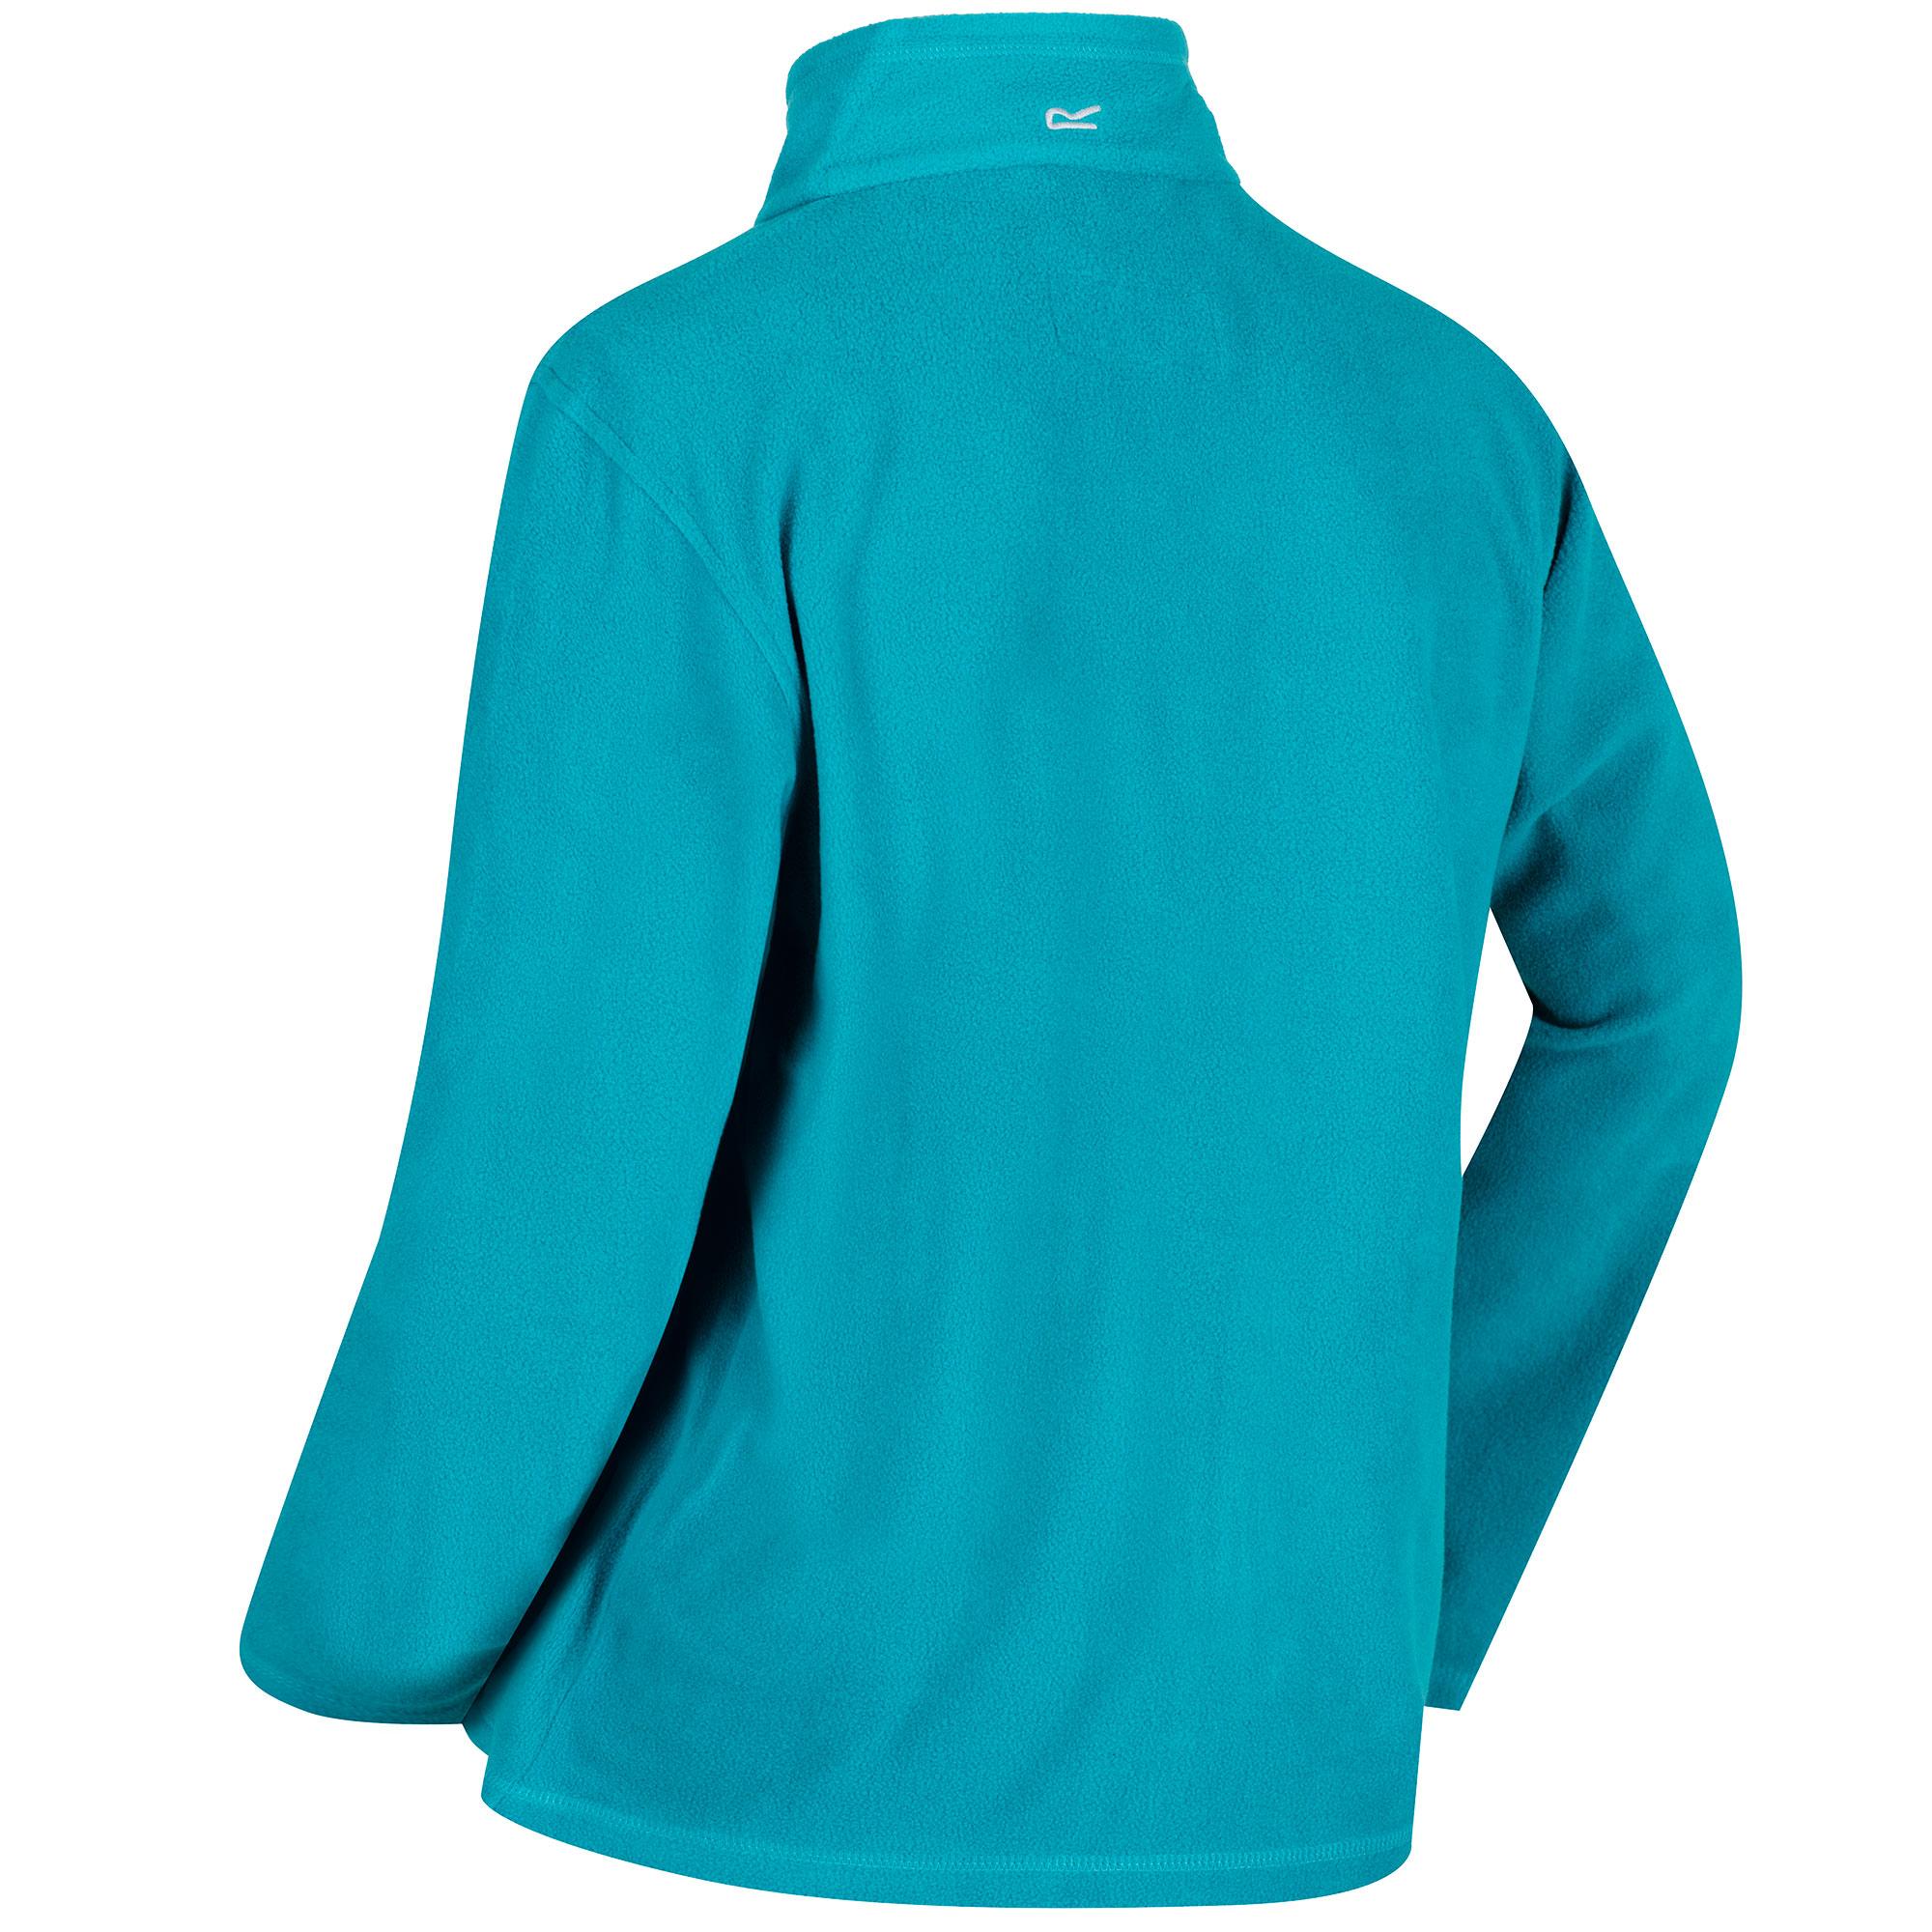 Regatta Girls King II Fleece Jacket RRP £20